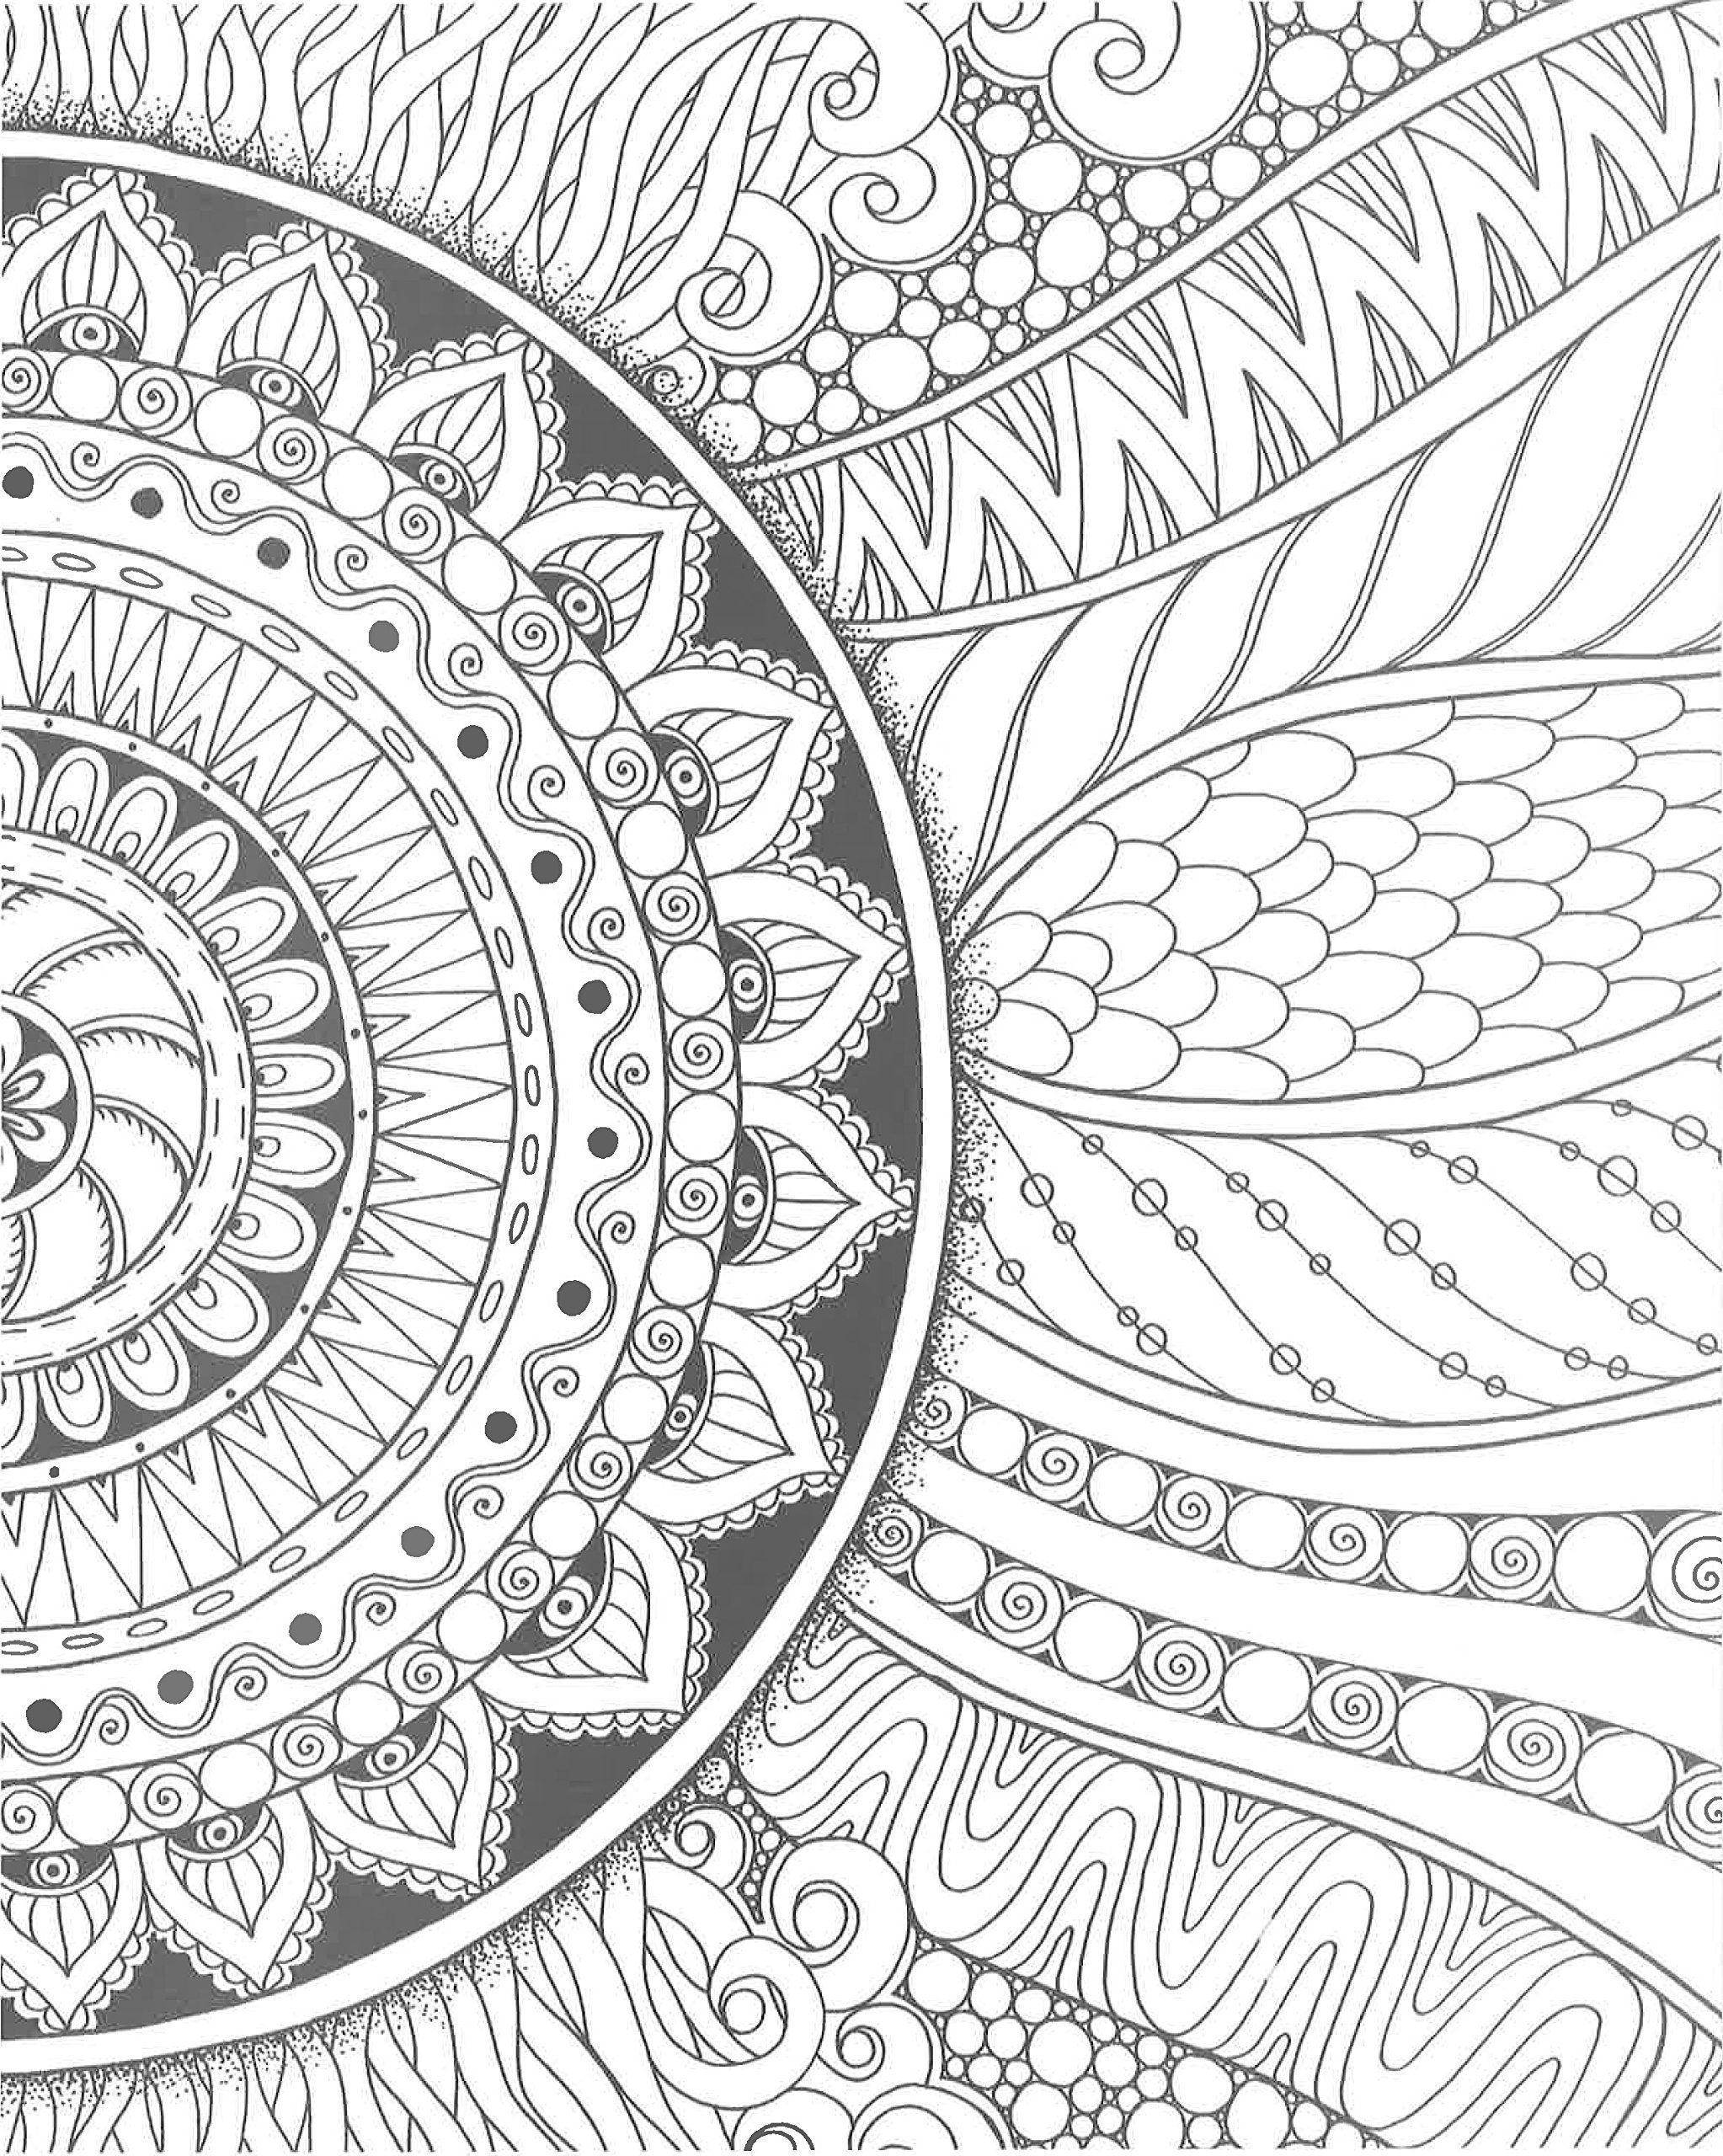 Zendoodle Coloring: Creative Sensations: Hypnotic Patterns ...